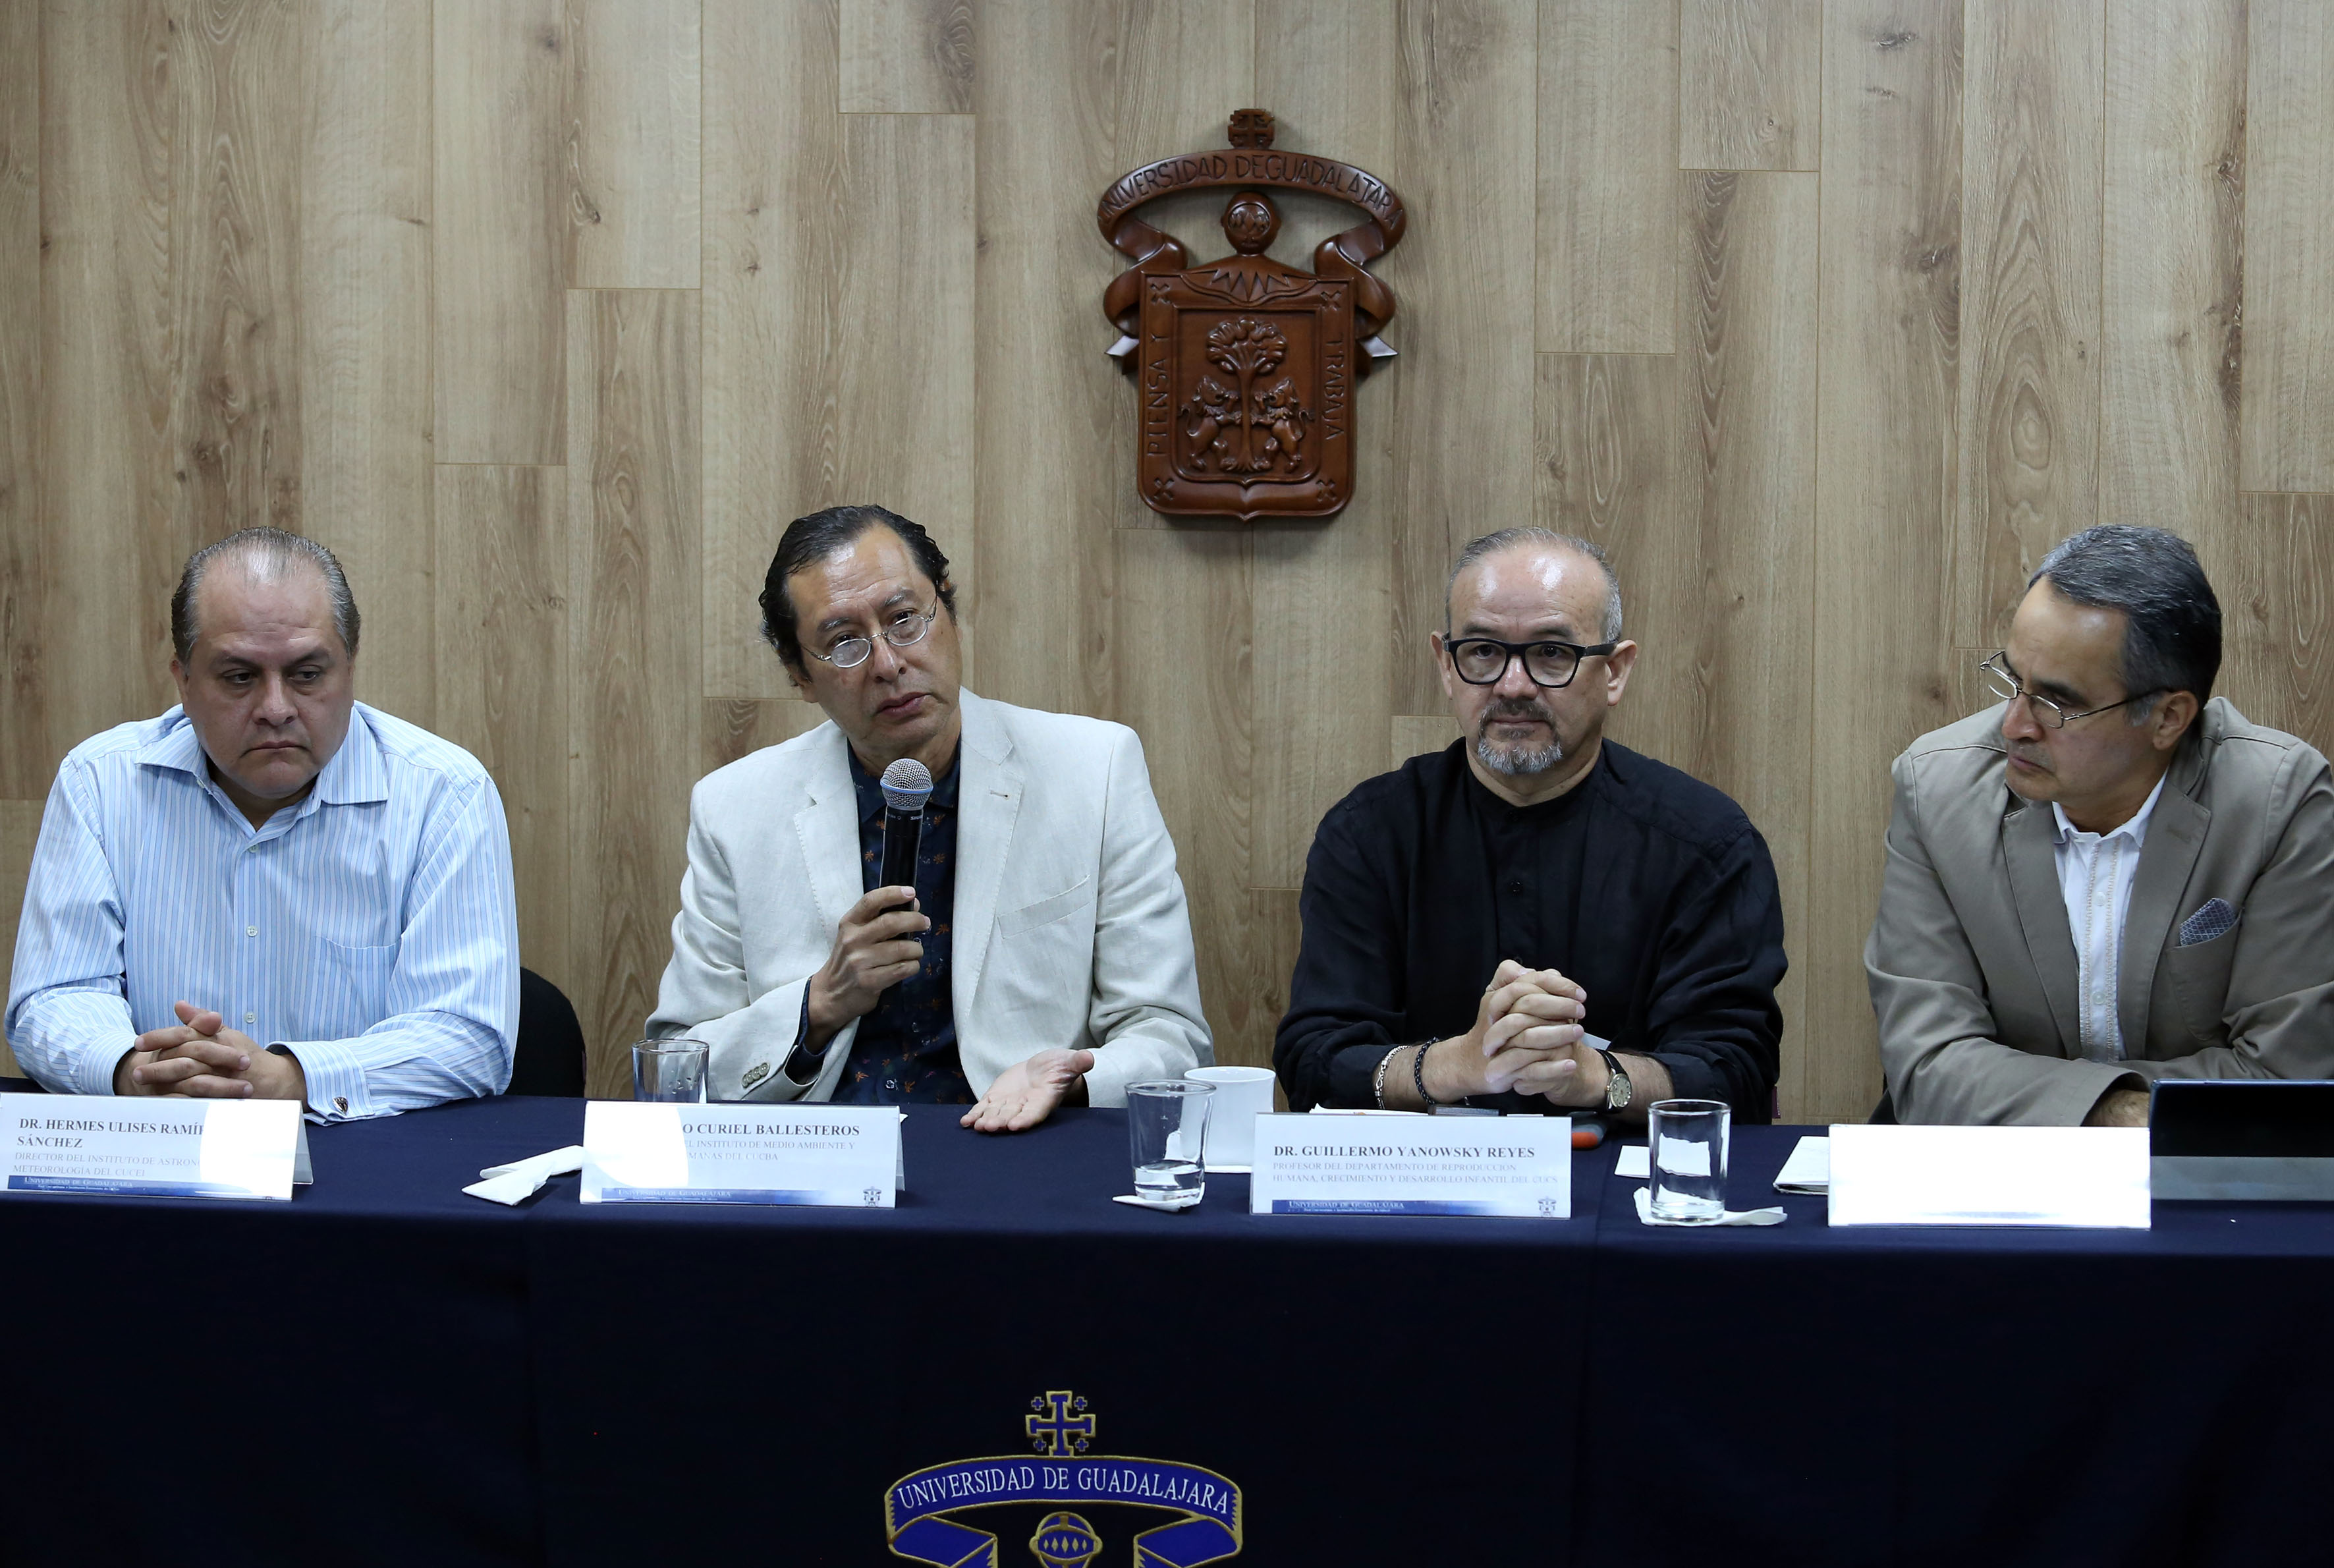 Dr. Arturo Curiel al micrófono en rueda de prensa